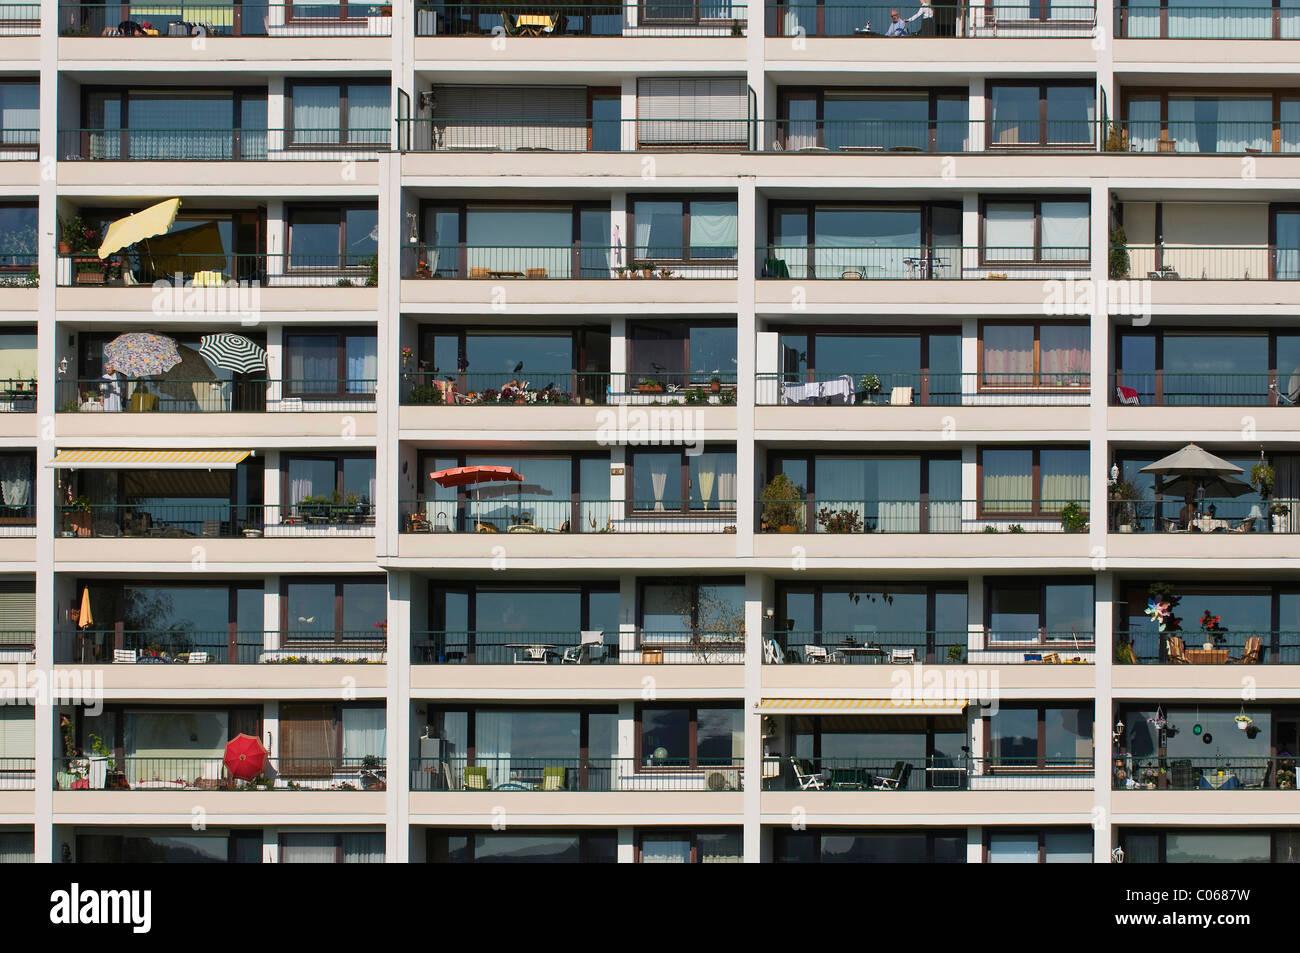 Façade de maison, nombreux balcons avec parasols et meubles Photo Stock